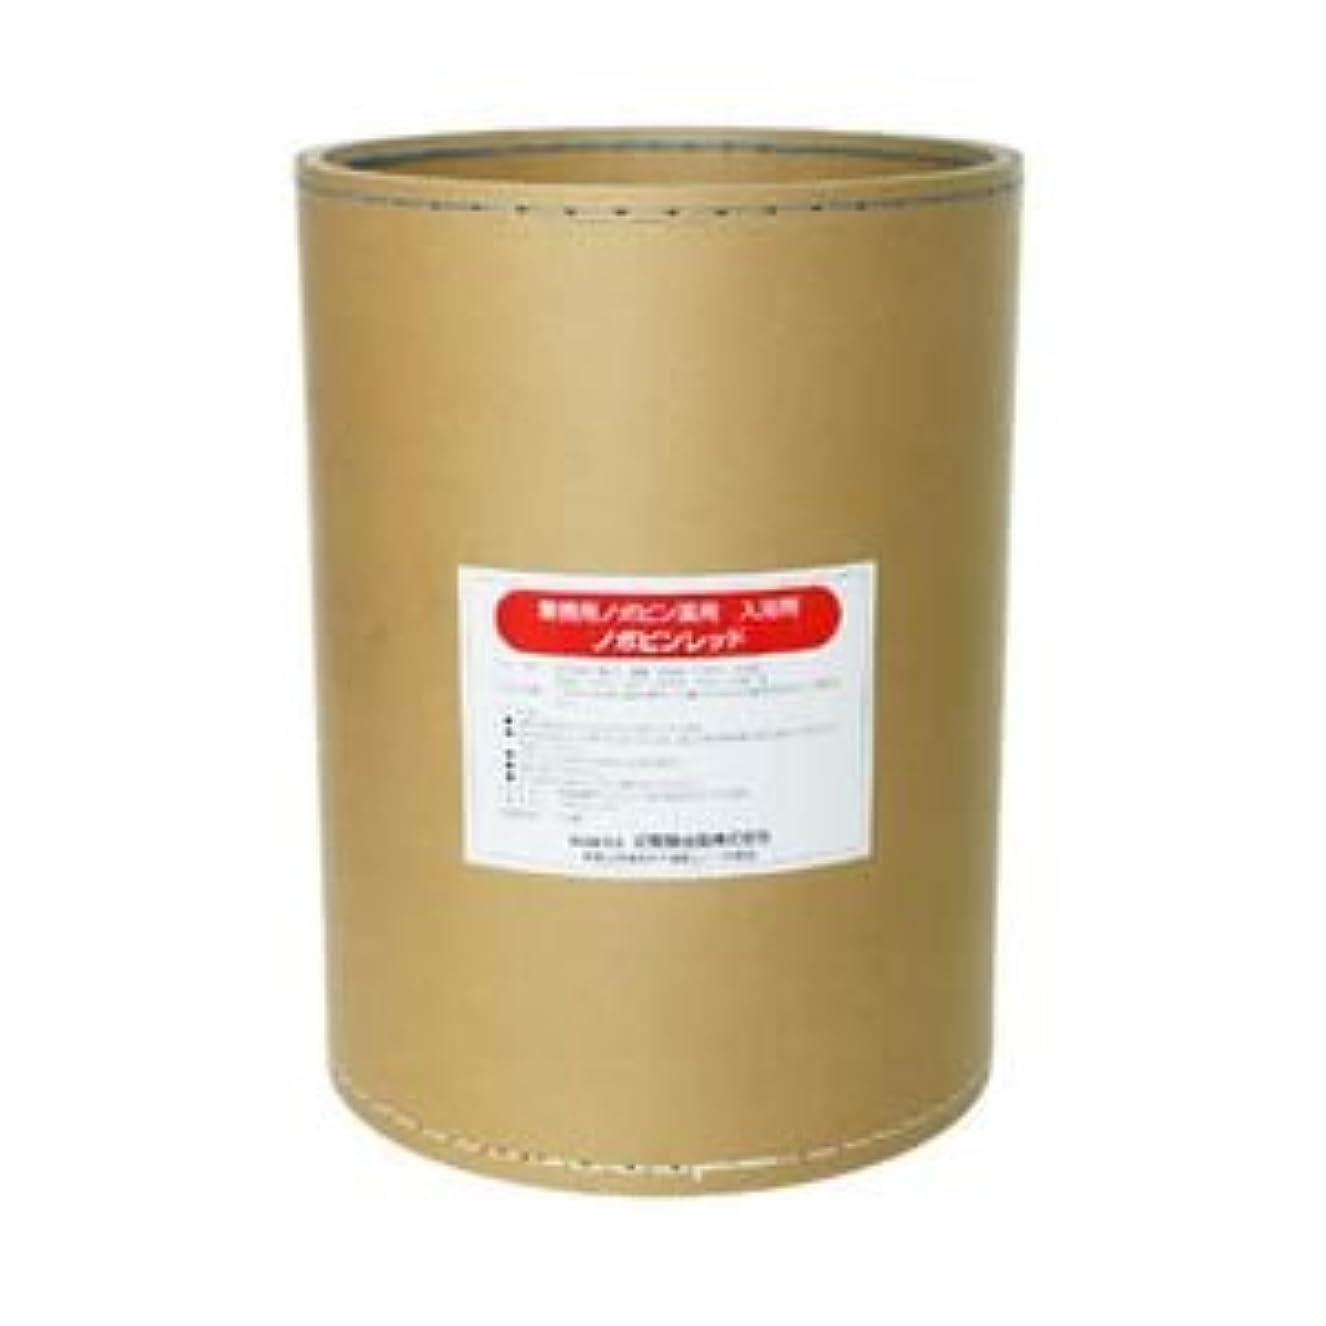 天国急性絵業務用入浴剤 ノボピン レッド 18kg